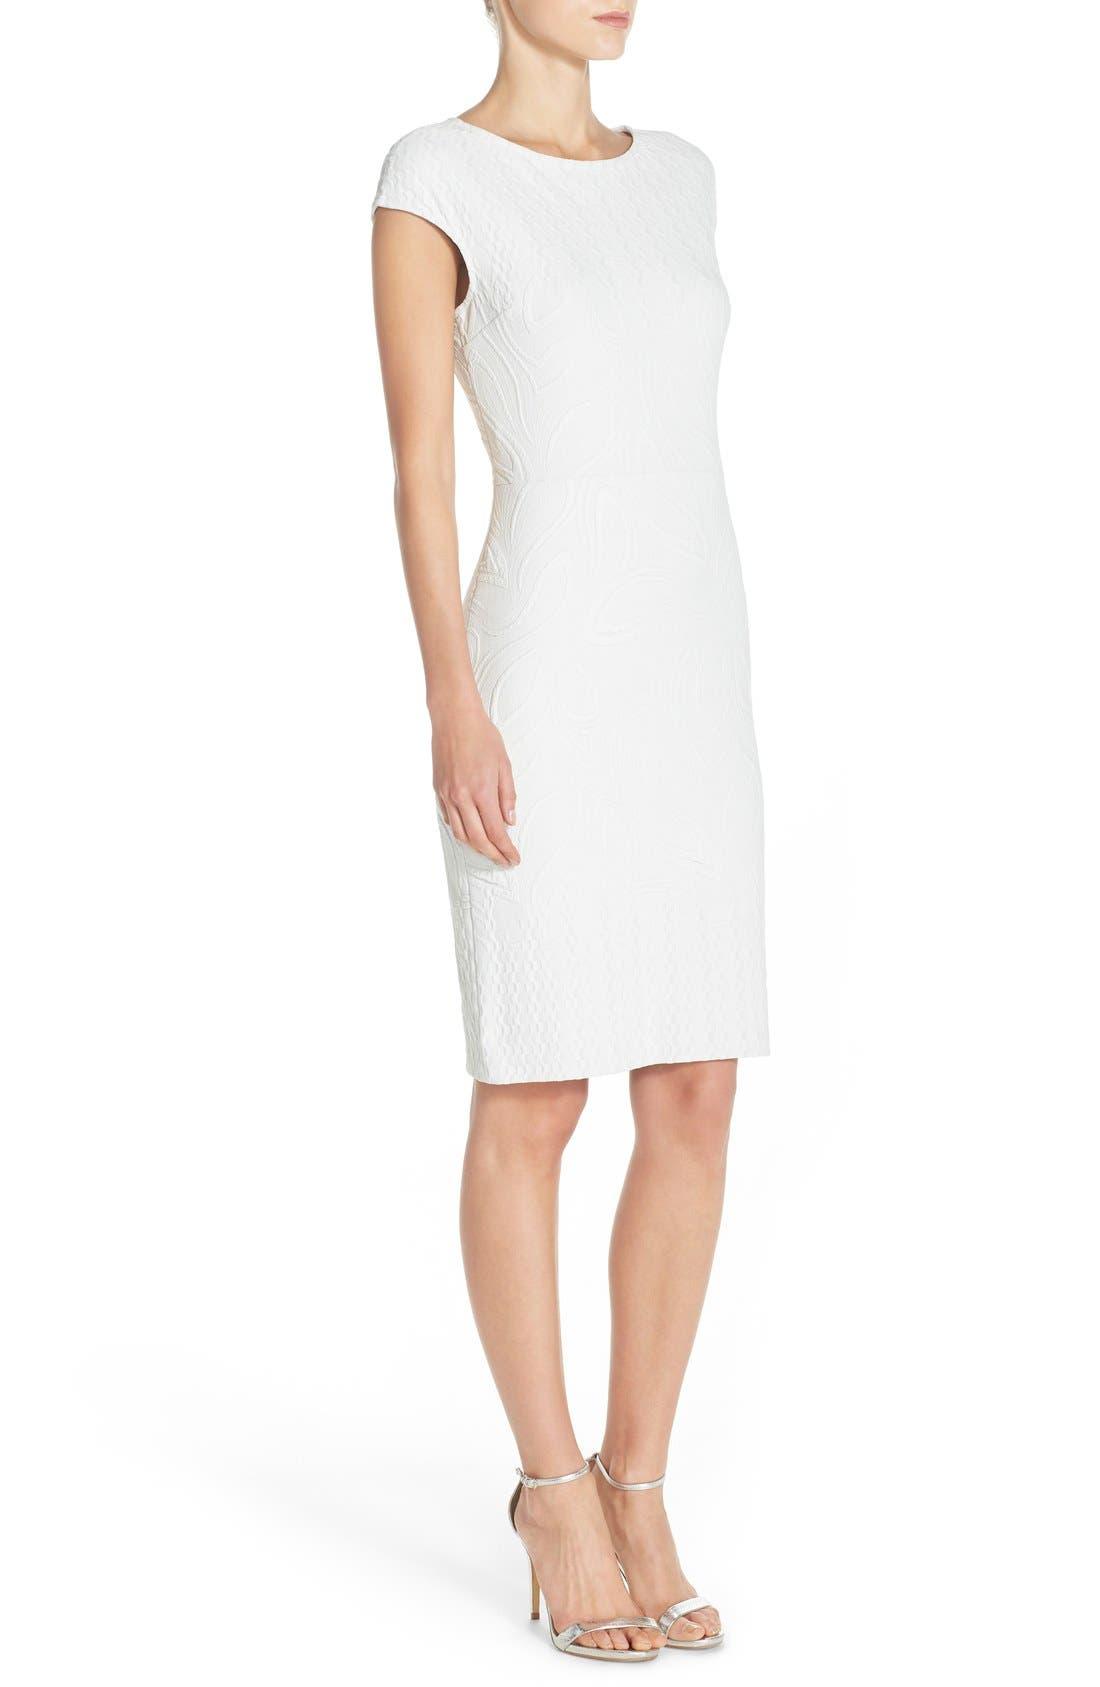 Jacquard Sheath Dress,                             Alternate thumbnail 3, color,                             Ivory